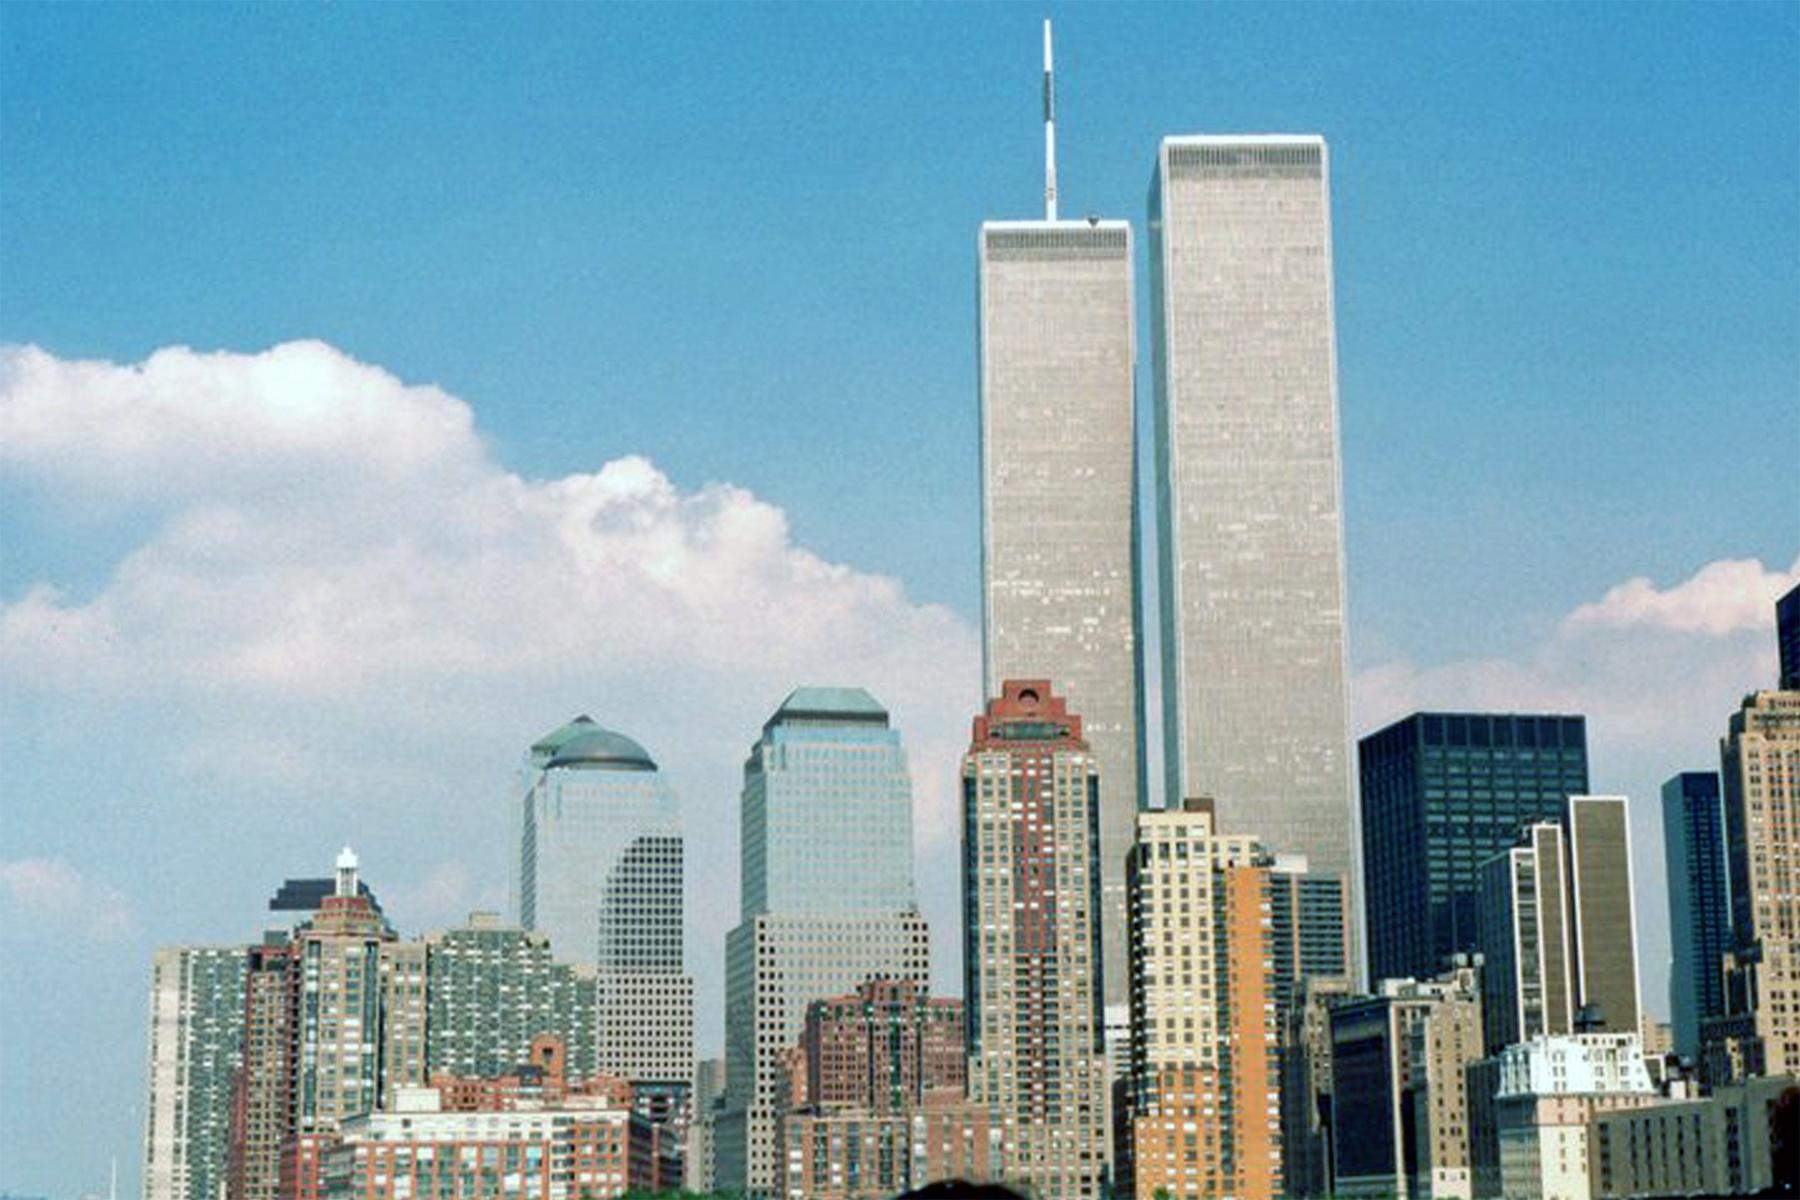 World Trade Center Attack 1993 File:World Trade Cente...